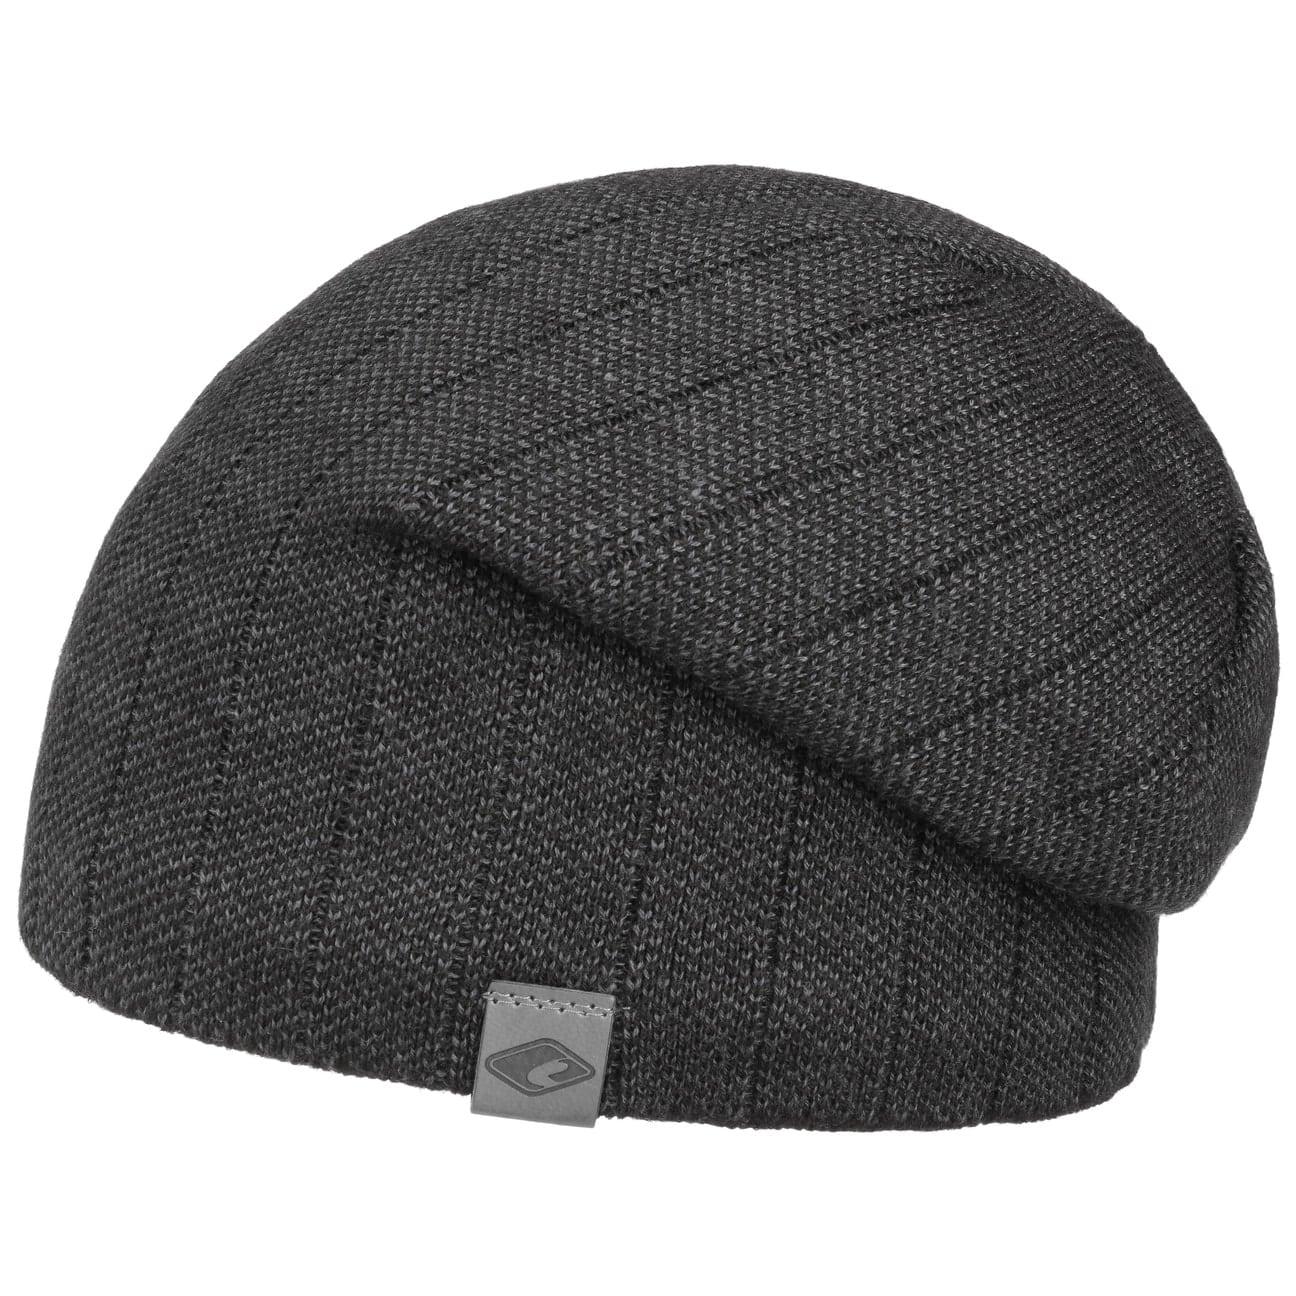 Bonnet en Tricot James by Chillouts  bonnet oversize